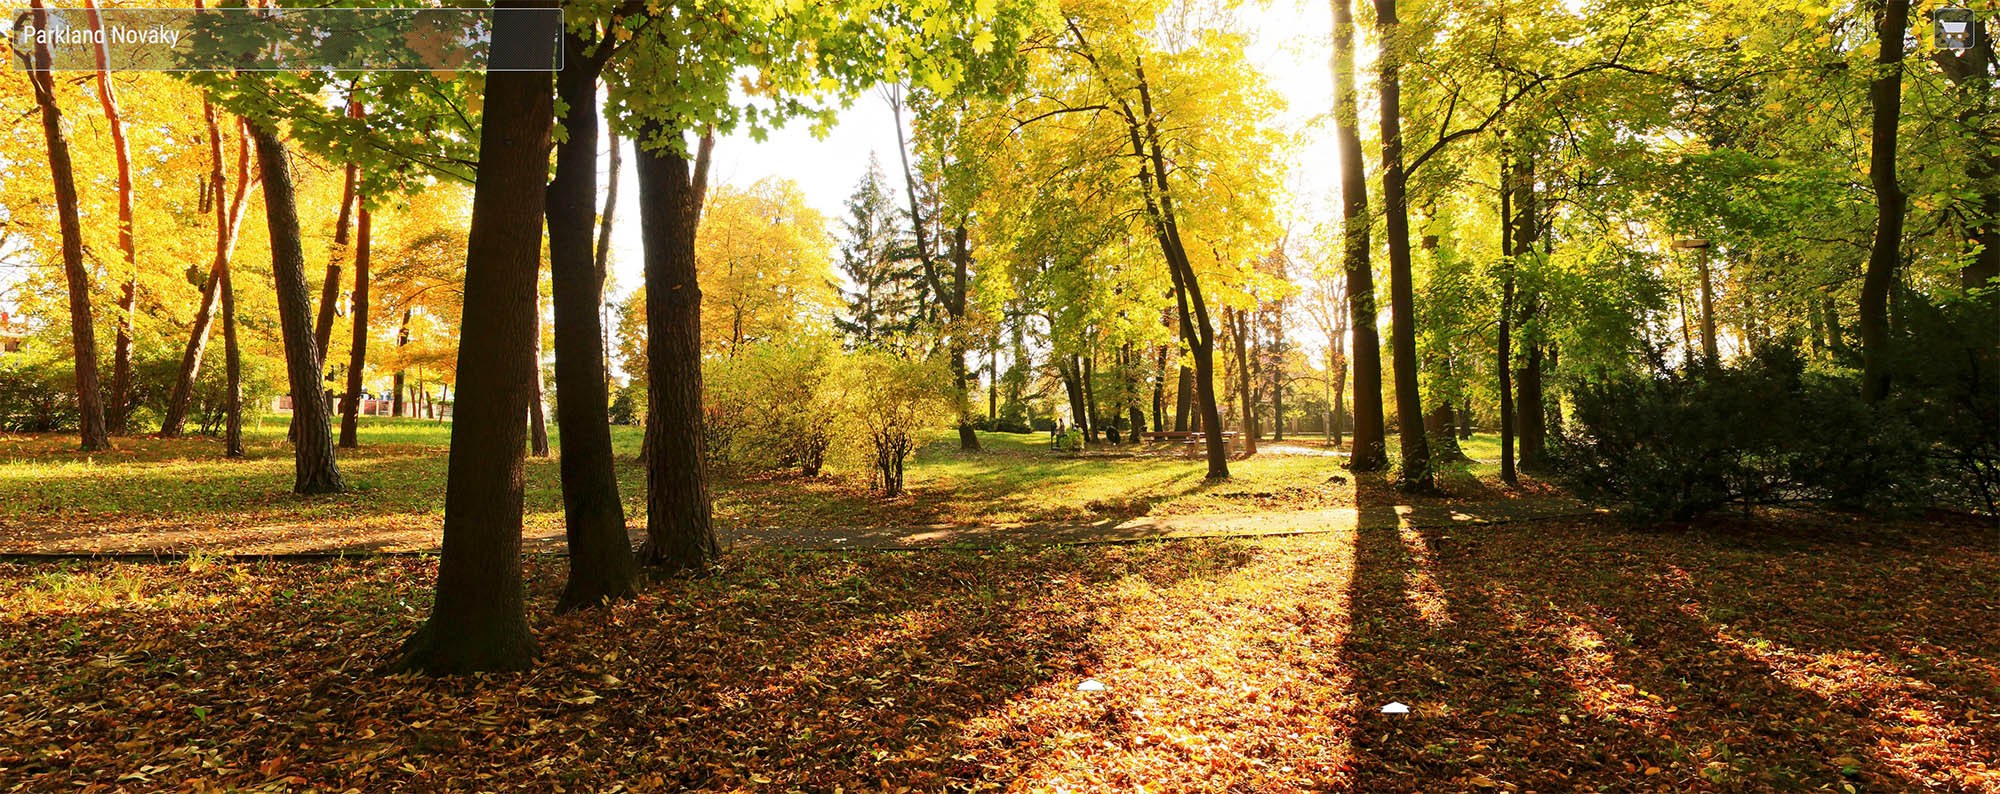 Park Nováky 1